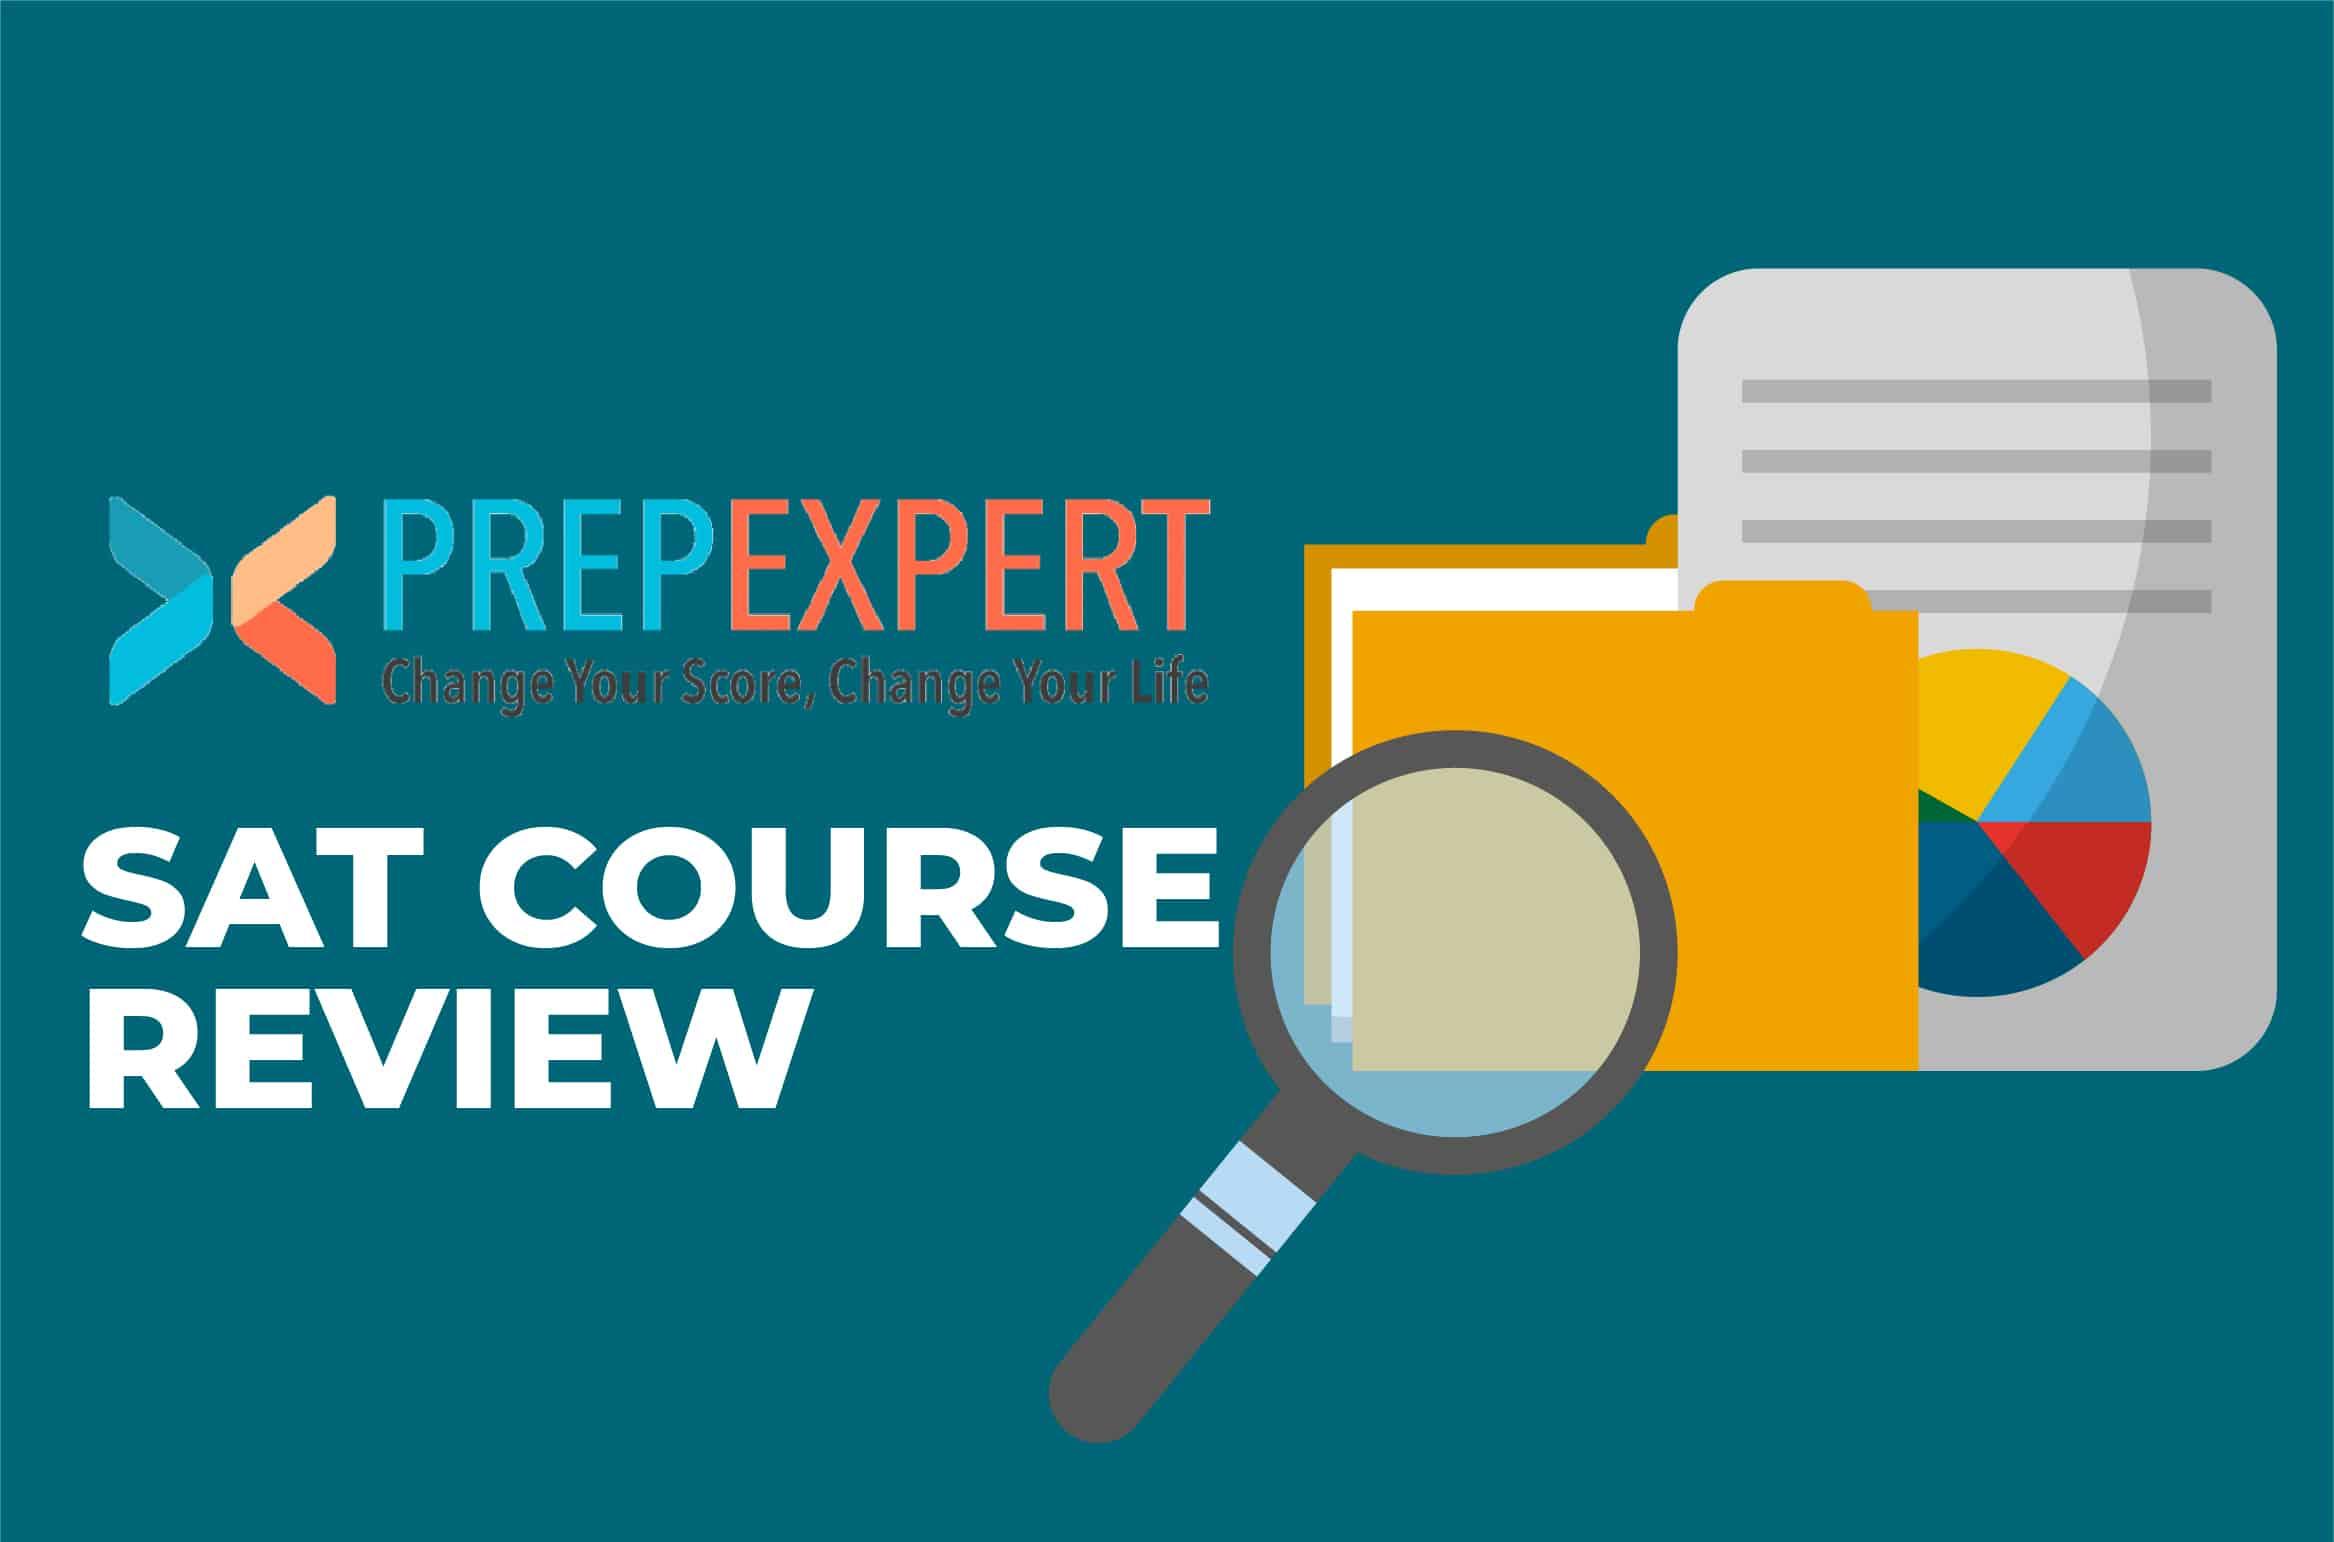 Prep Expert SAT Course Review